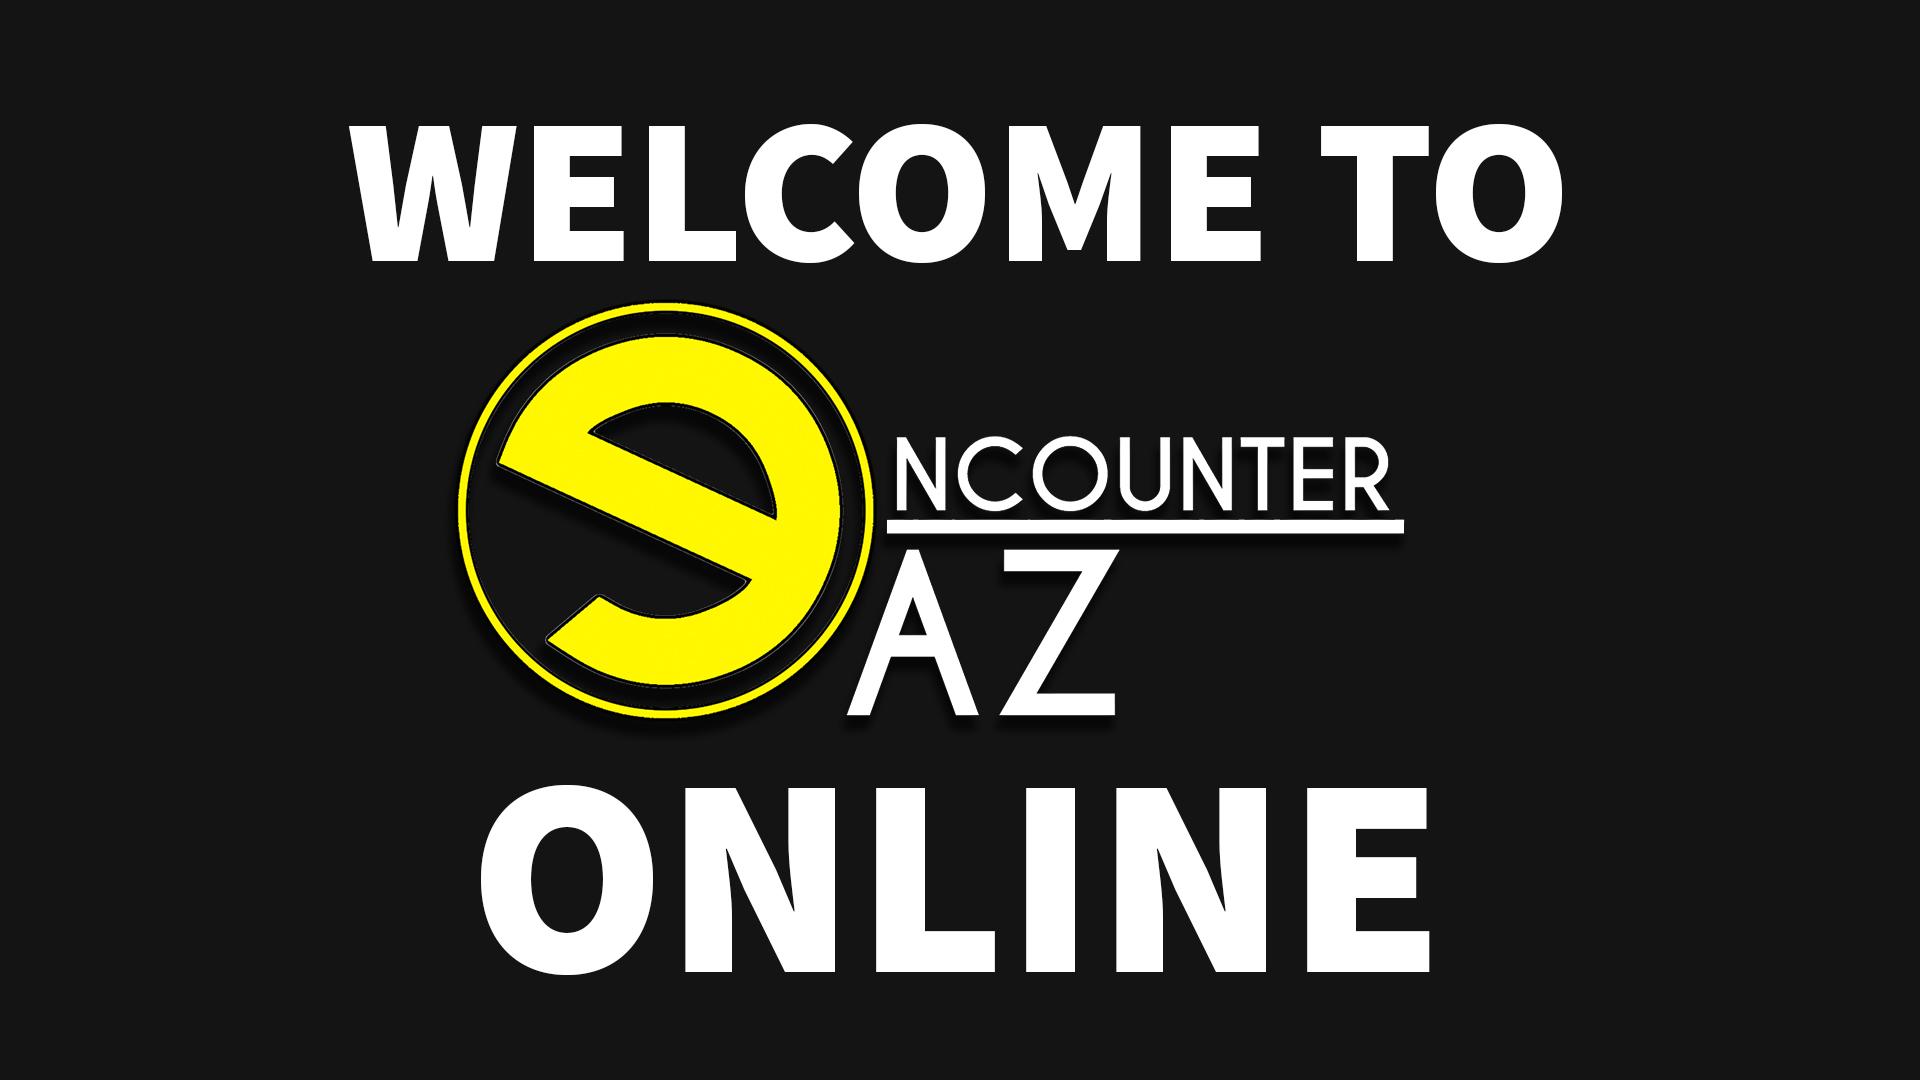 Encounter AZ